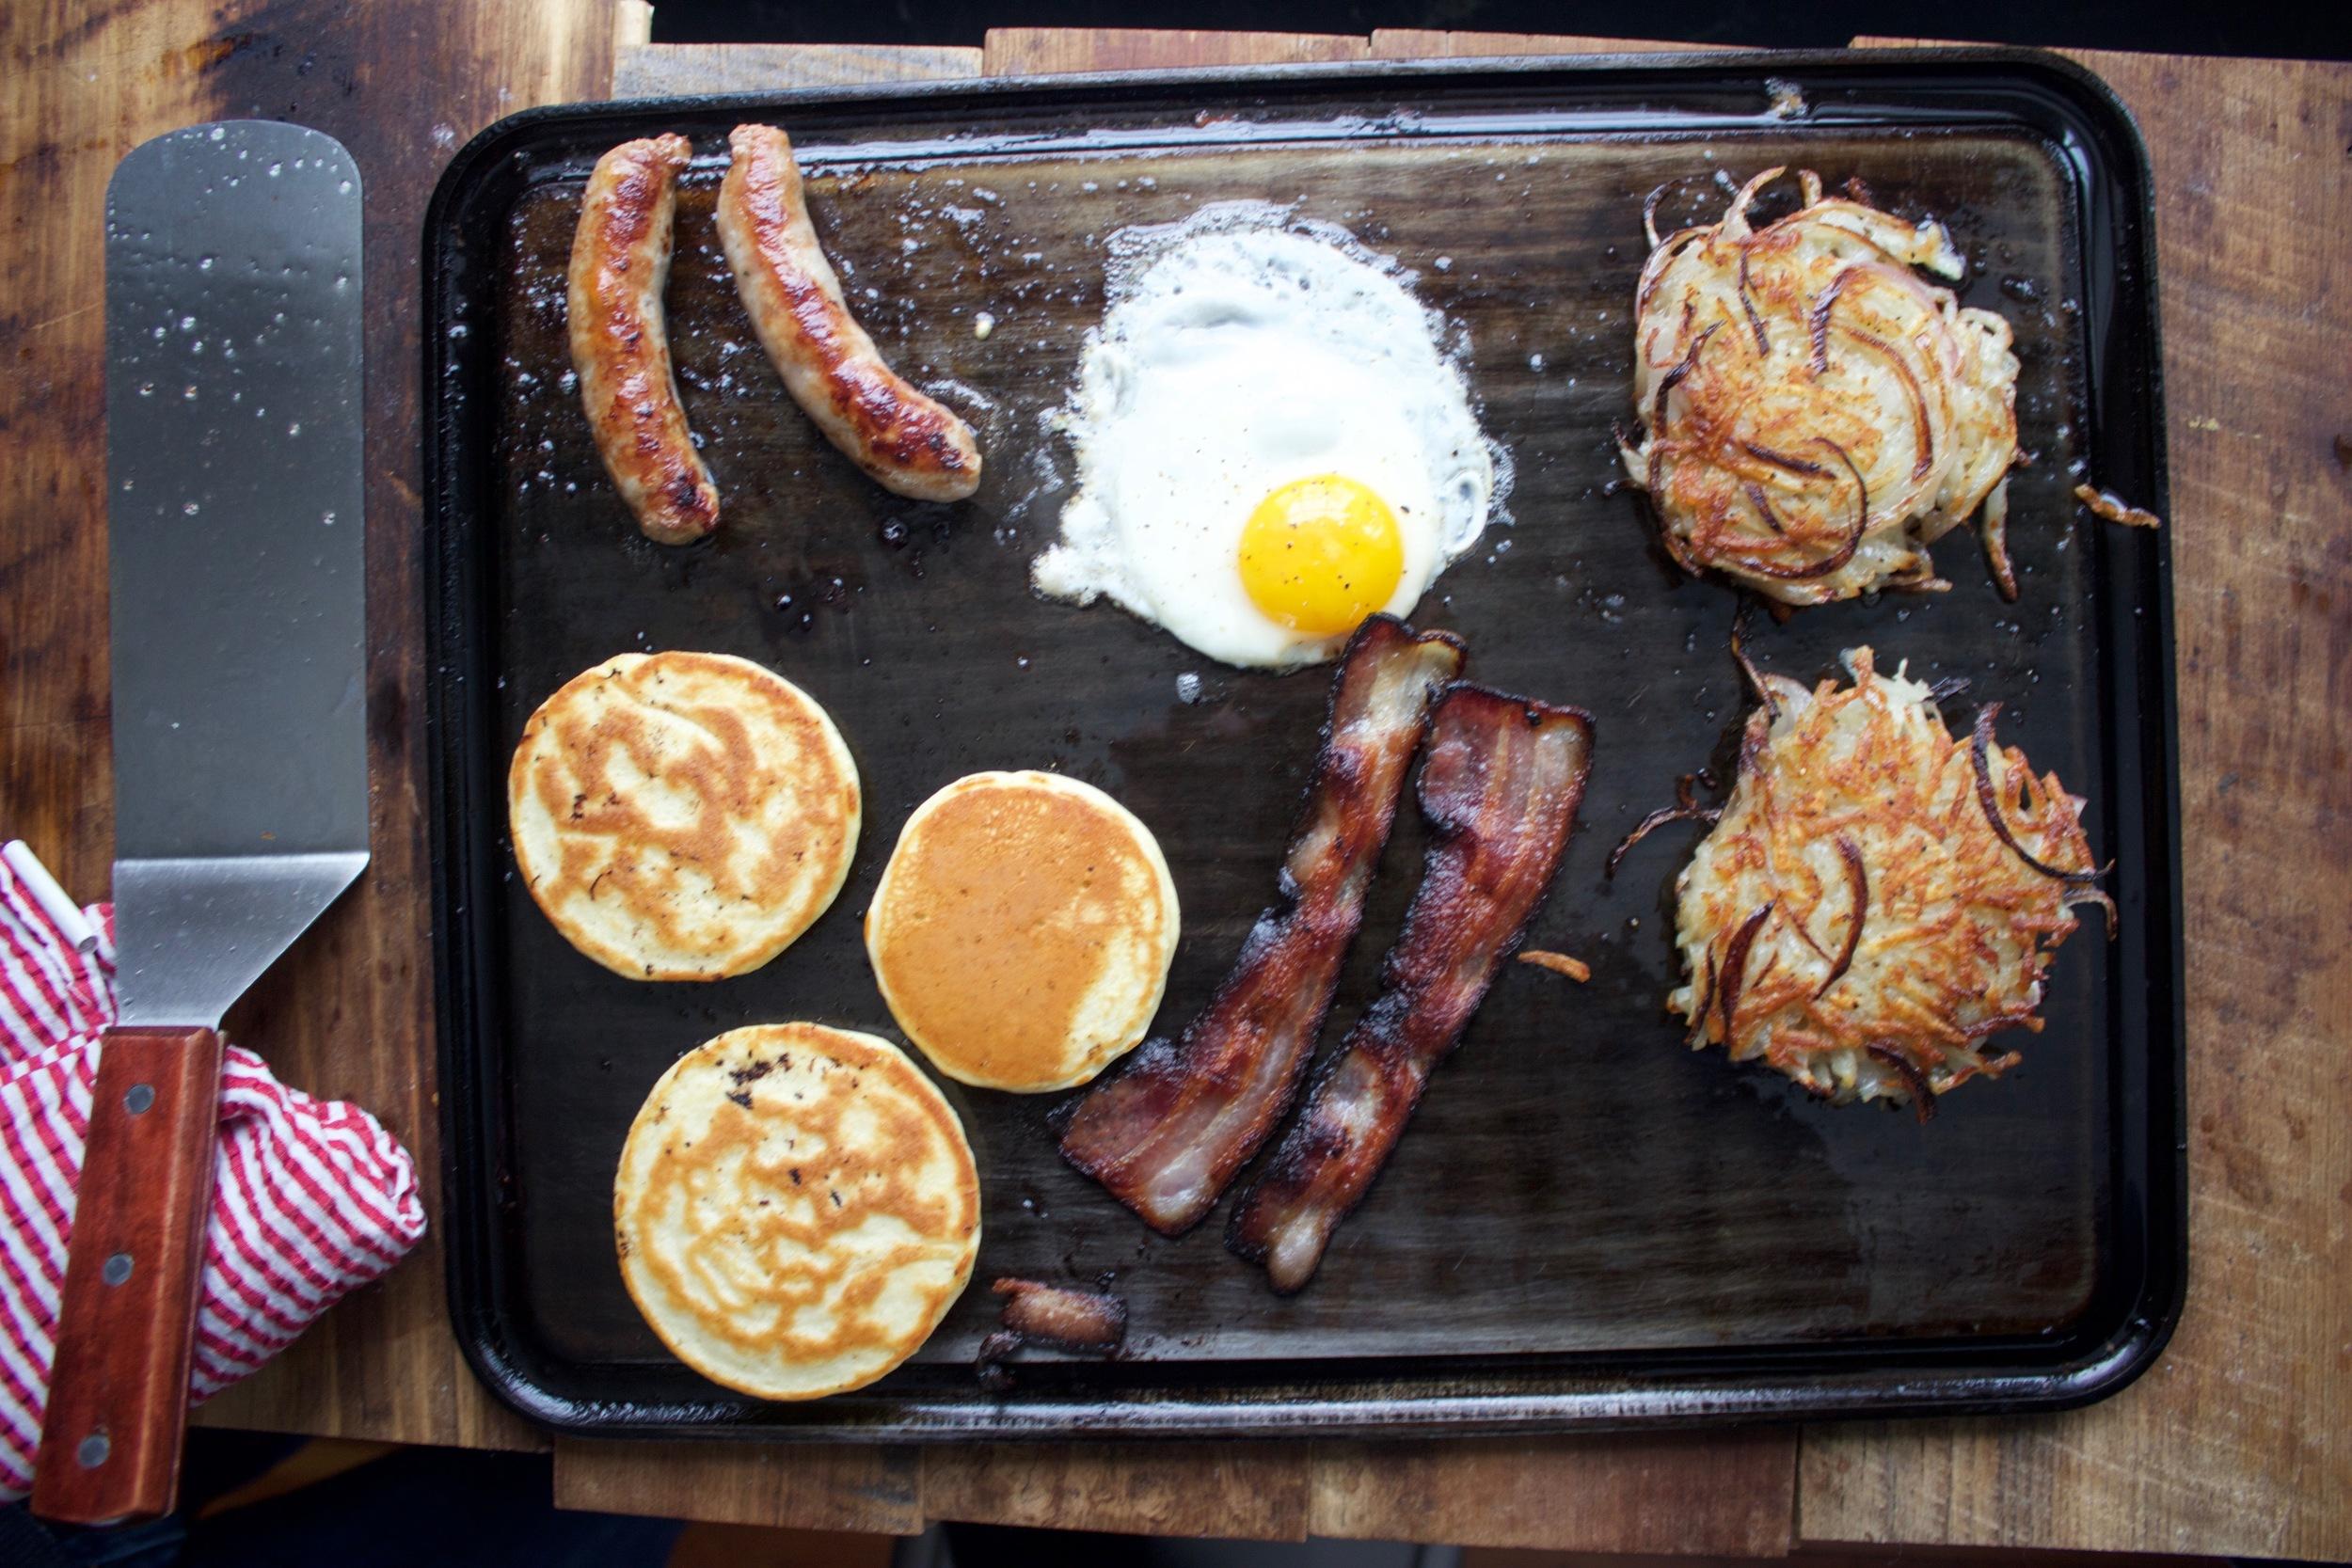 Baking Steel Griddle Breakfast